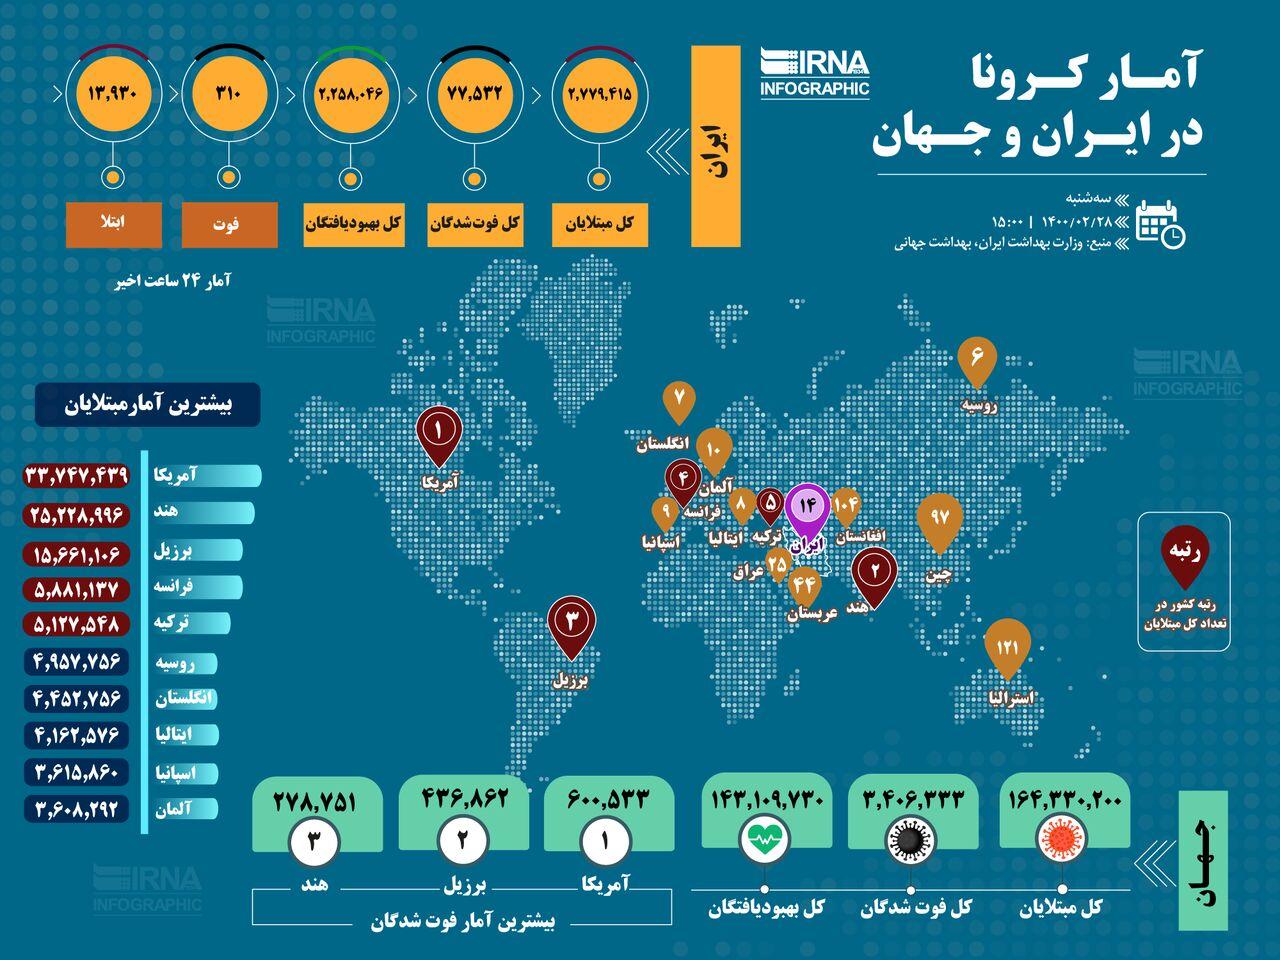 آمار کرونا در ایران و جهان (۱۴۰۰/۰۲/۲۸)